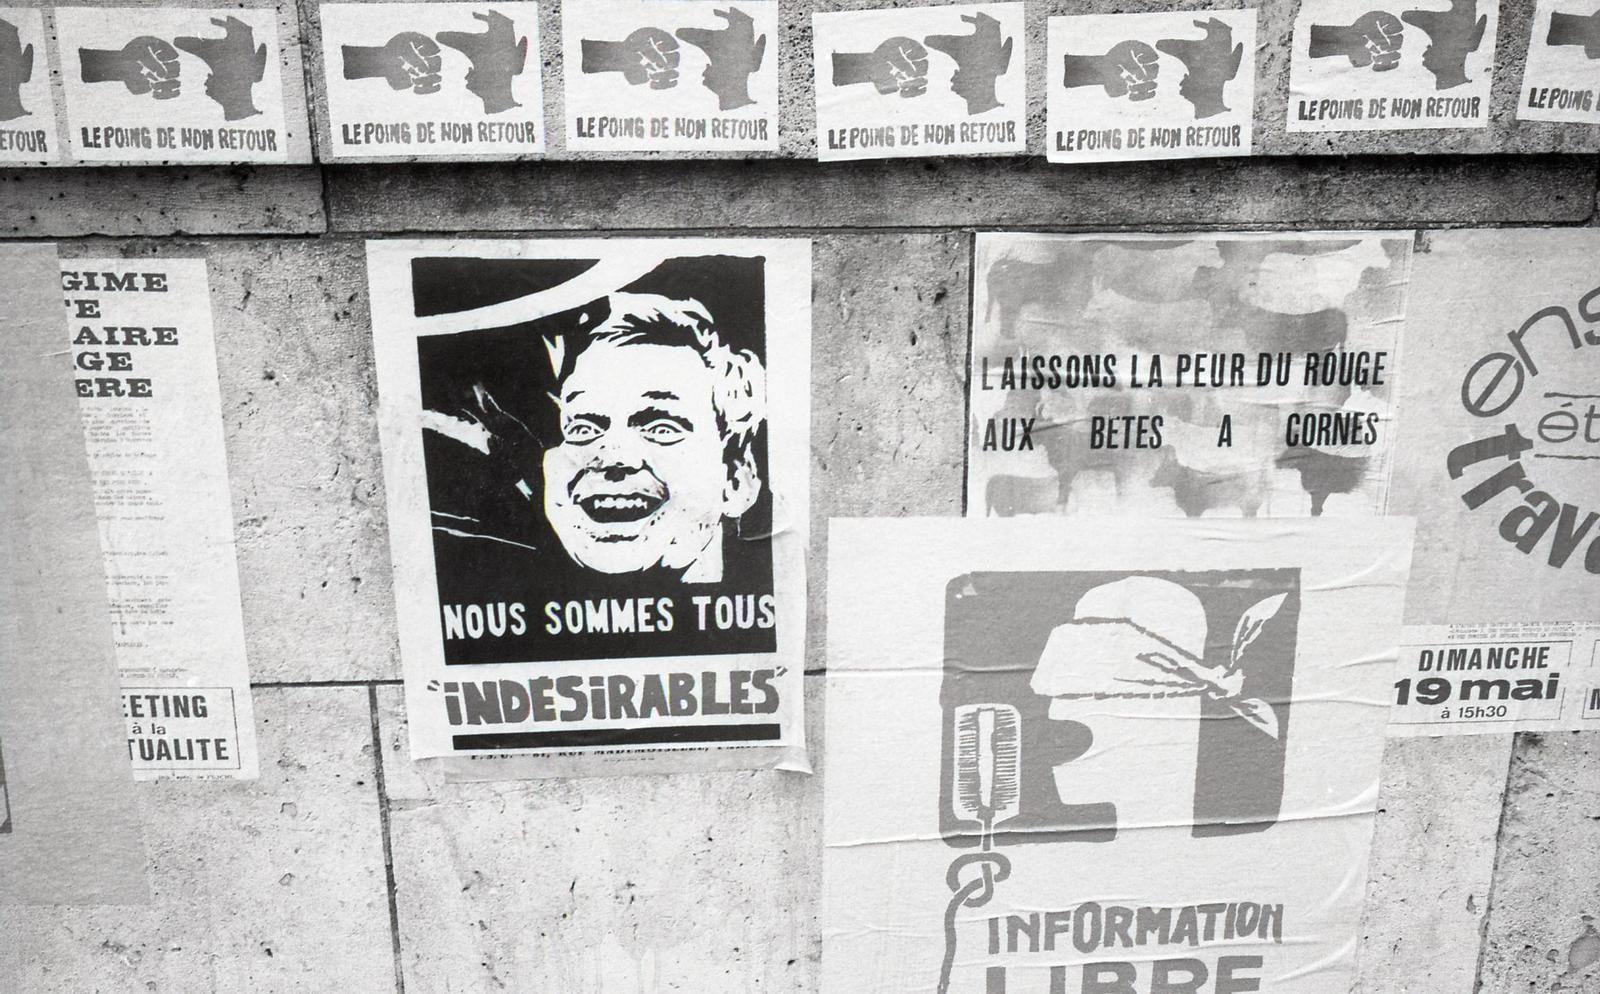 Une série documentaire sur Mai 68 les 16, 23 et 30 avril sur France 3 Paris Ile-de-France.